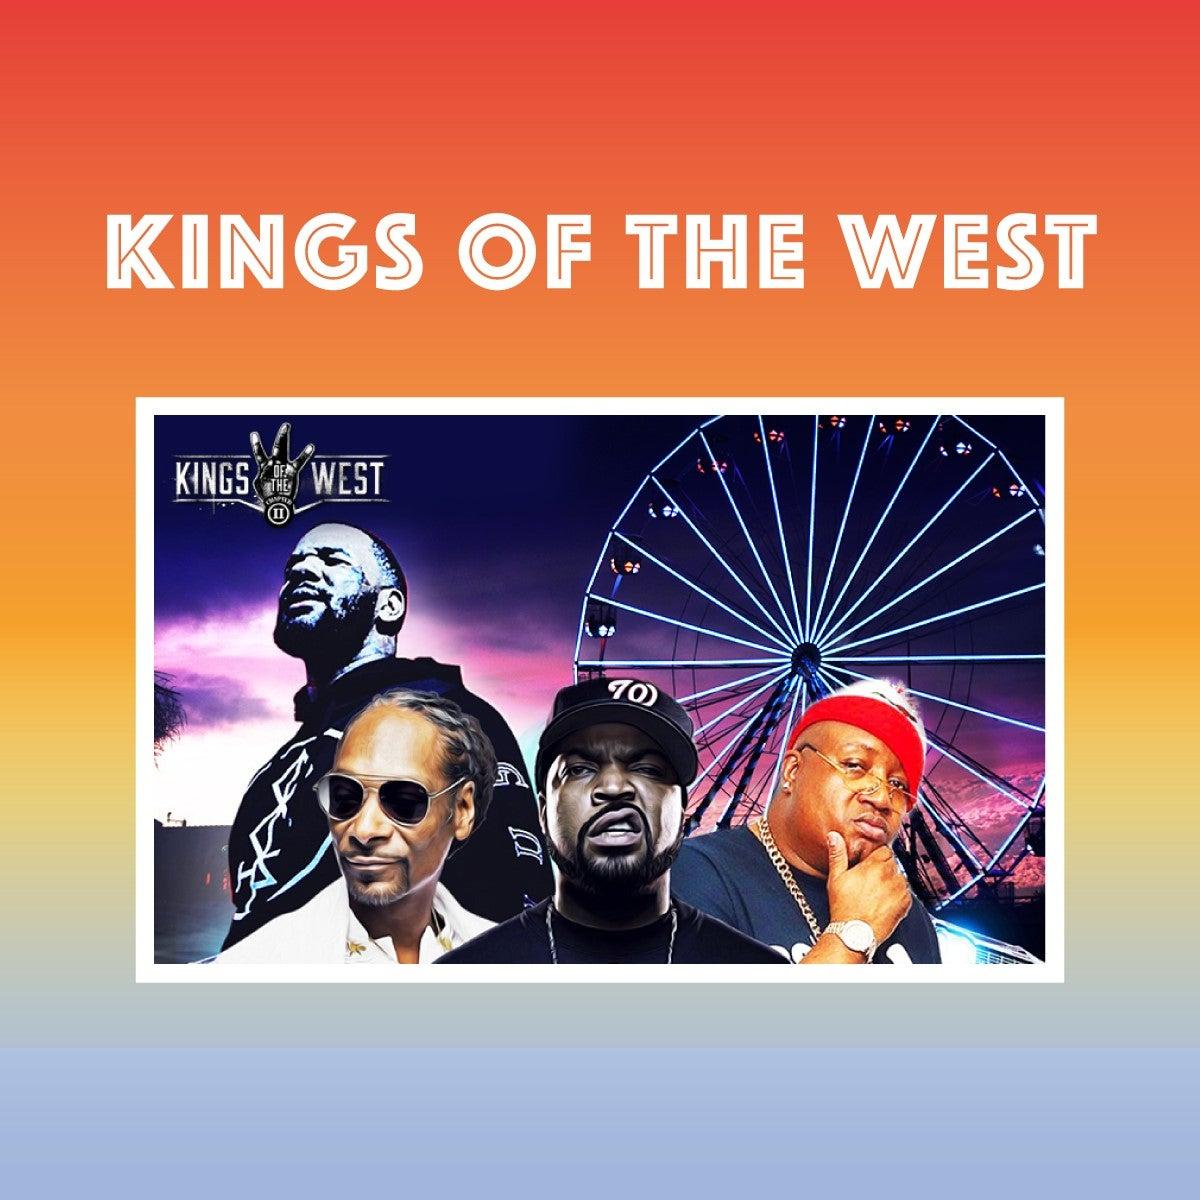 Kings of the West 3.jpg